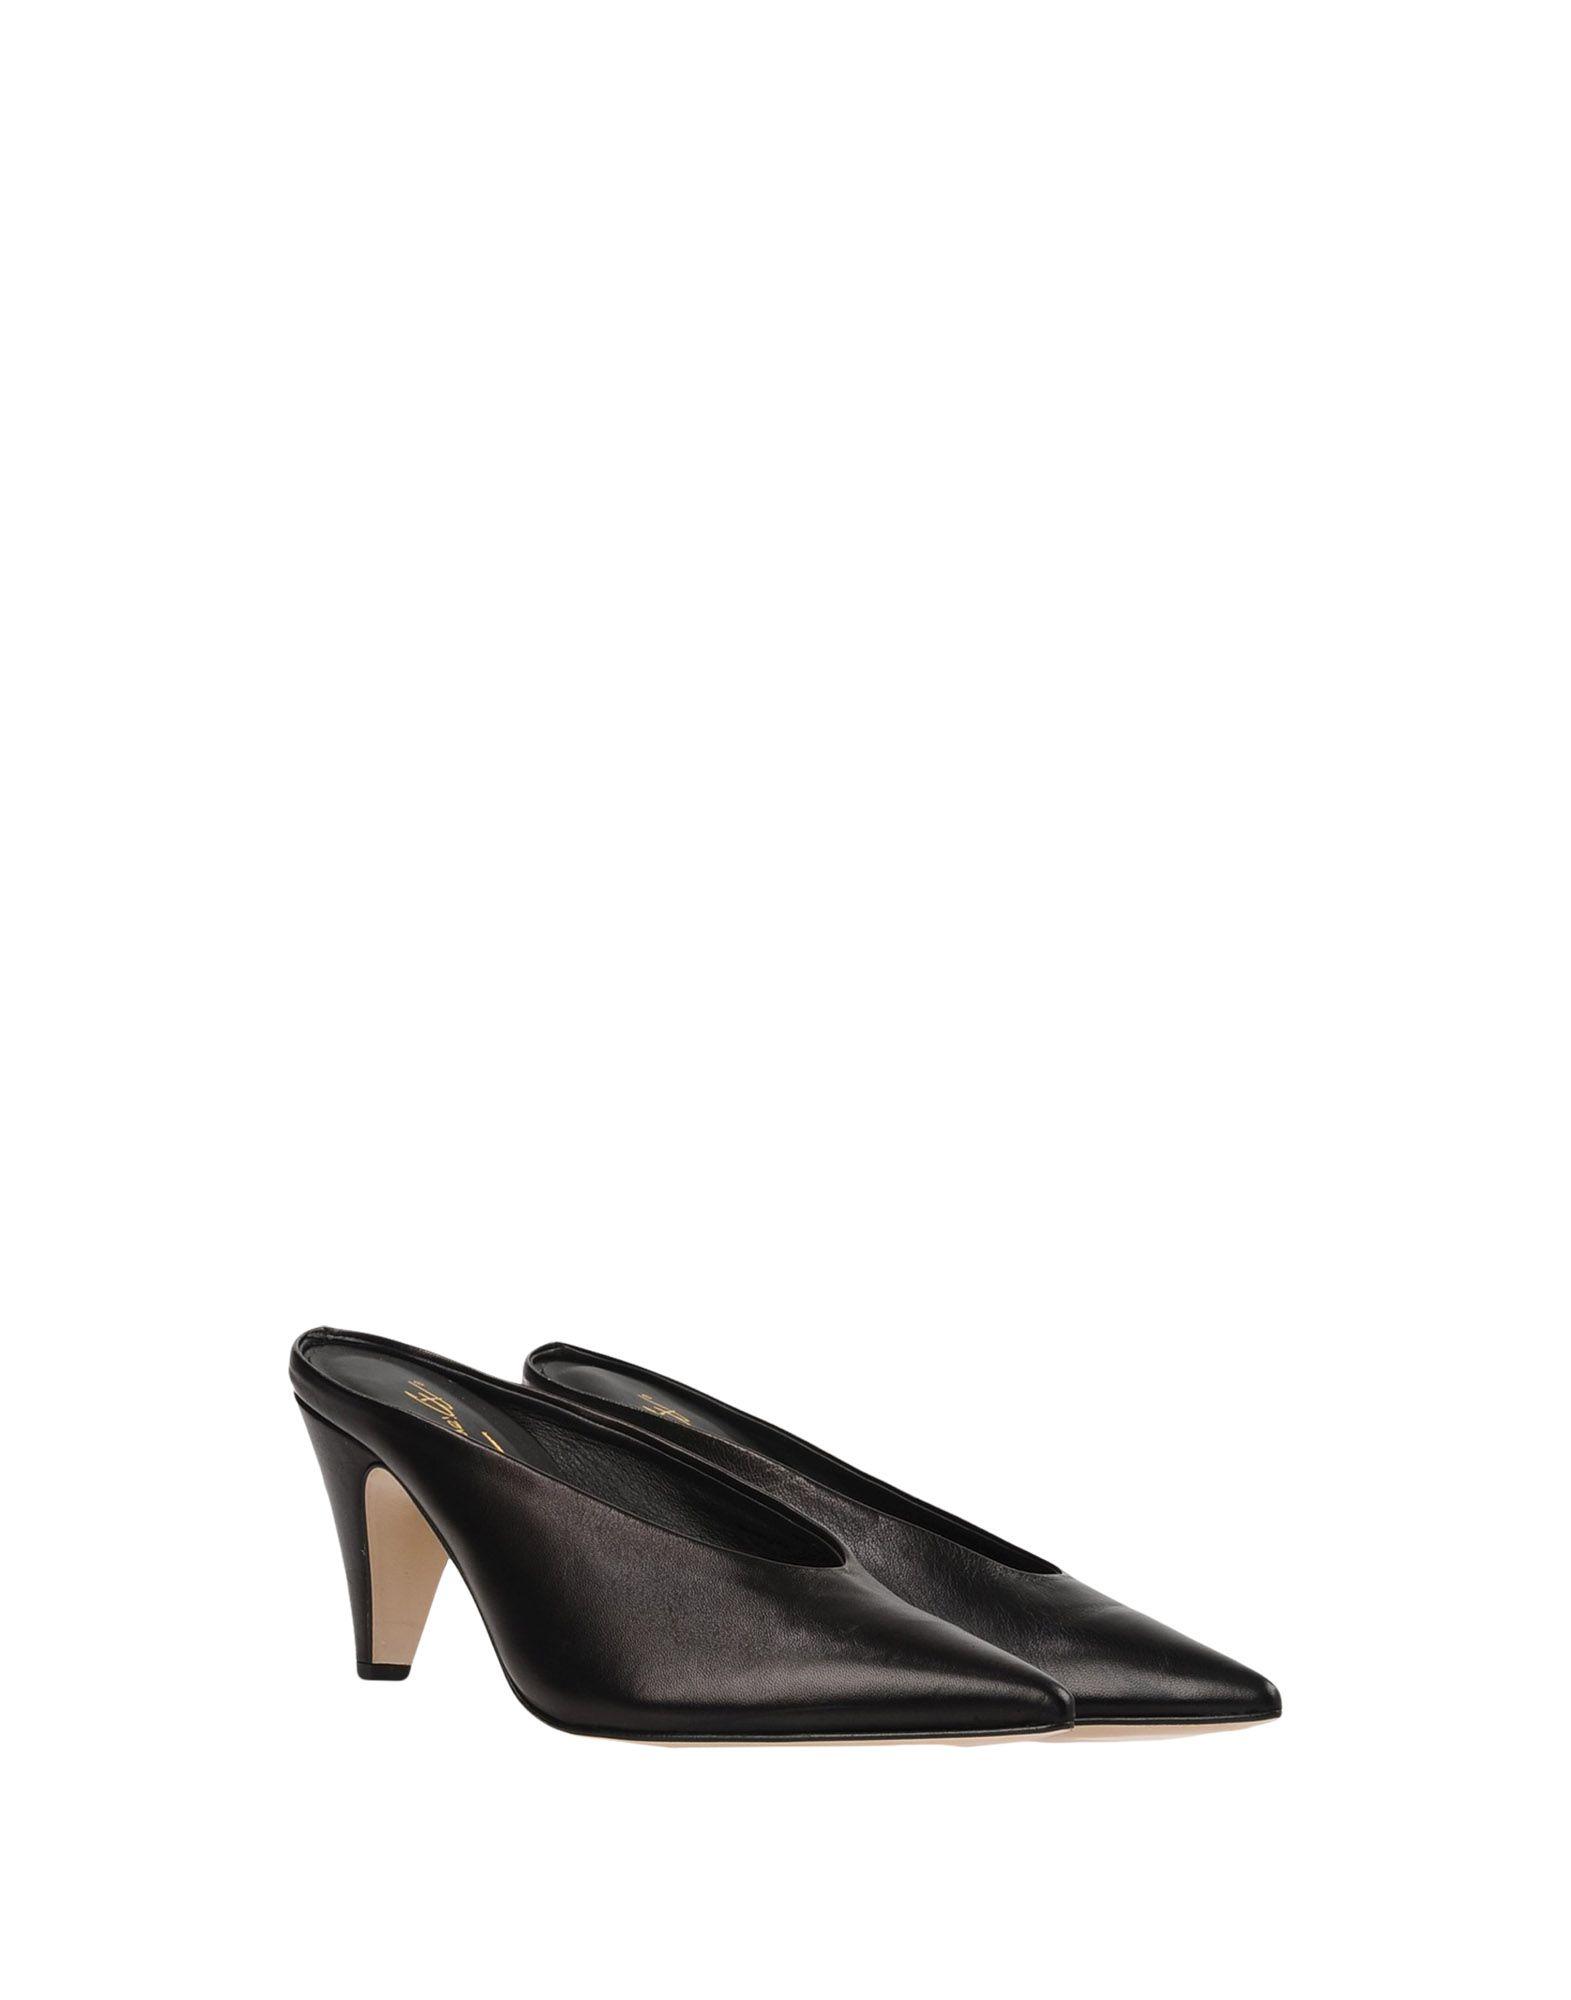 Bianca Di Pantoletten Damen  Schuhe 11440735JQ Gute Qualität beliebte Schuhe  91898d